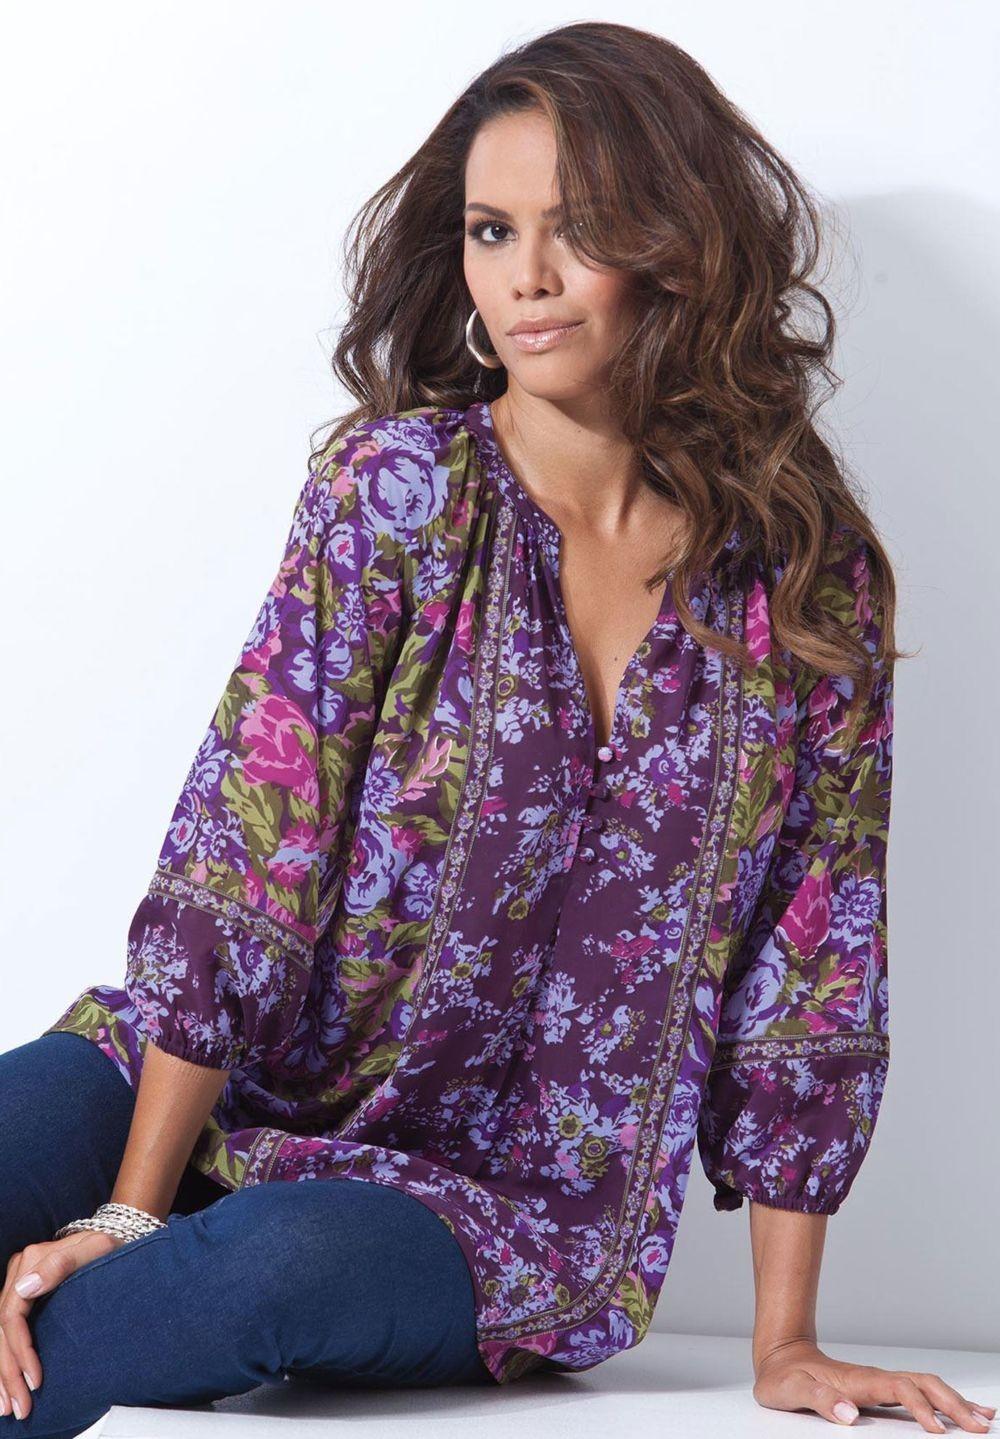 Мода для полных женщин 2018 фото за 40 лет: цветная блузка